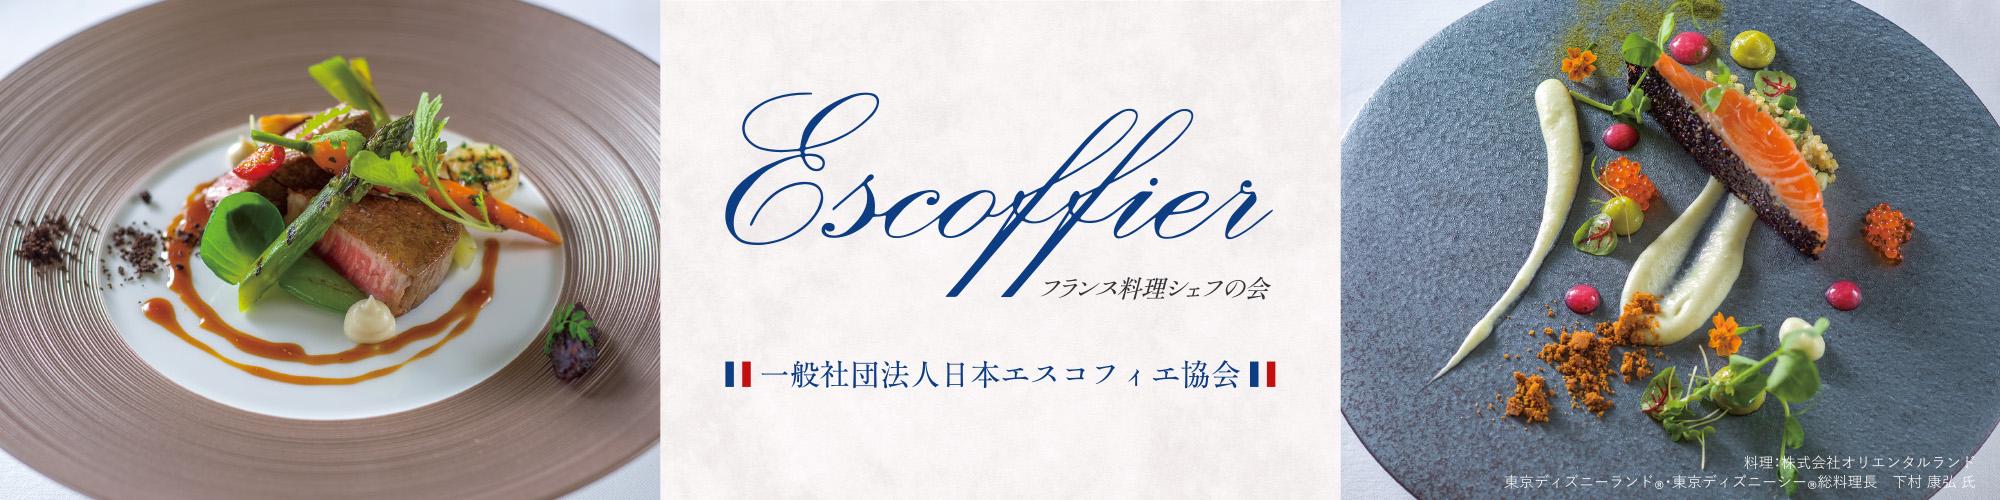 日本エスコフィエ協会